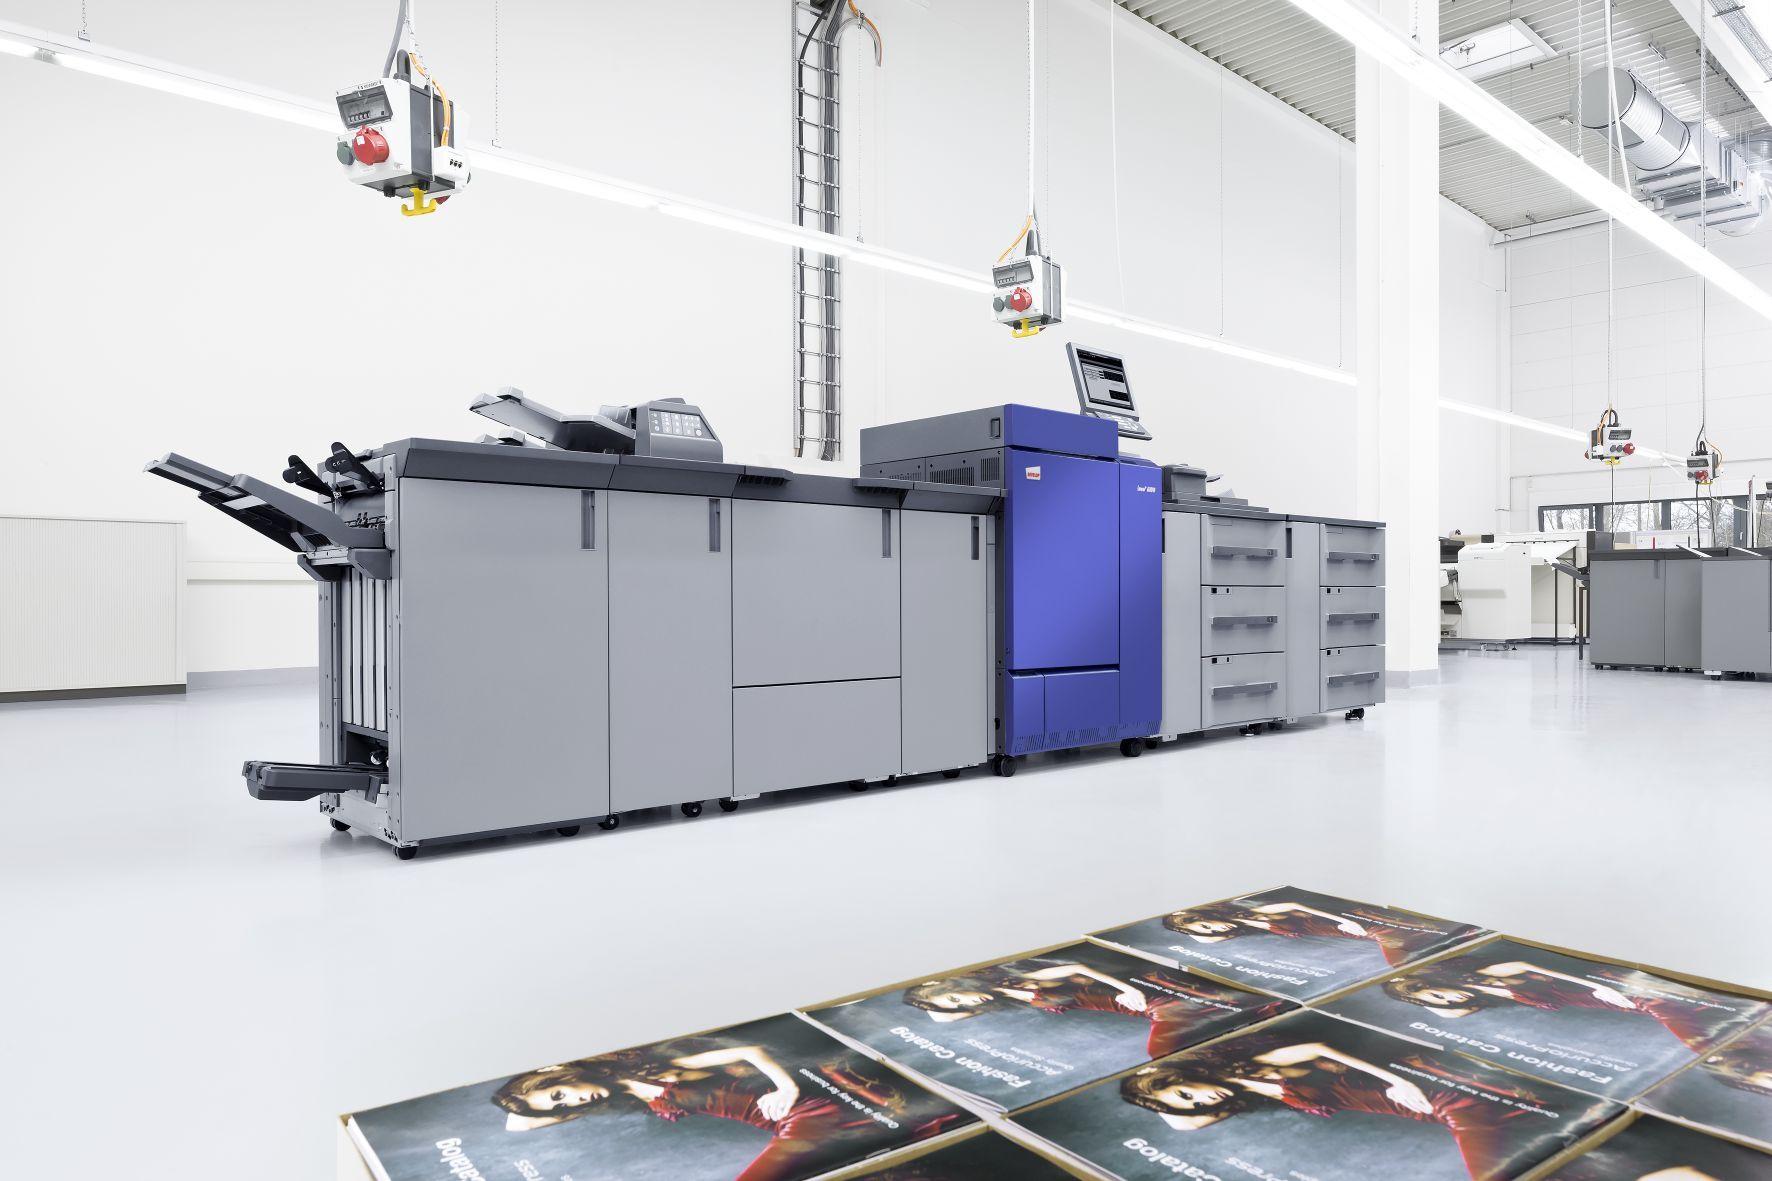 Foto de Impresora DEVELOP ineo+ 6100 en fábrica